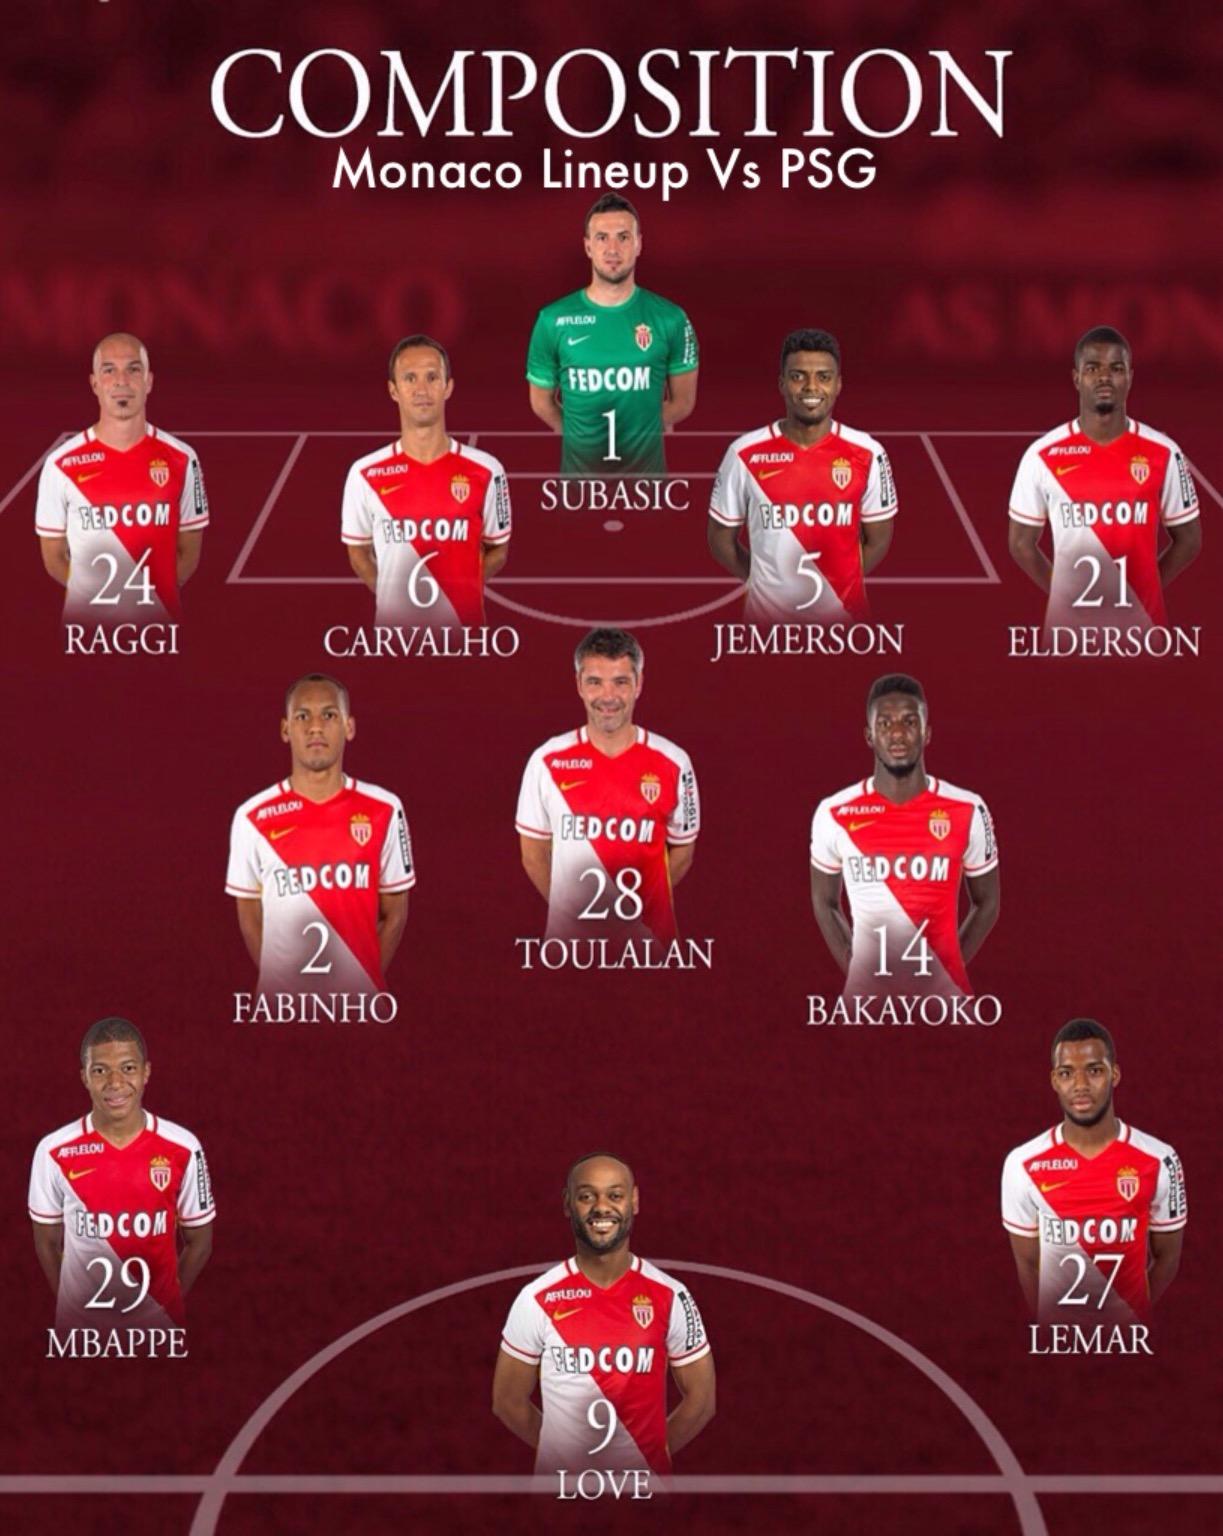 Echiejile Stars In Monaco's Win At PSG; Onazi, Iheanacho, Obi Benched